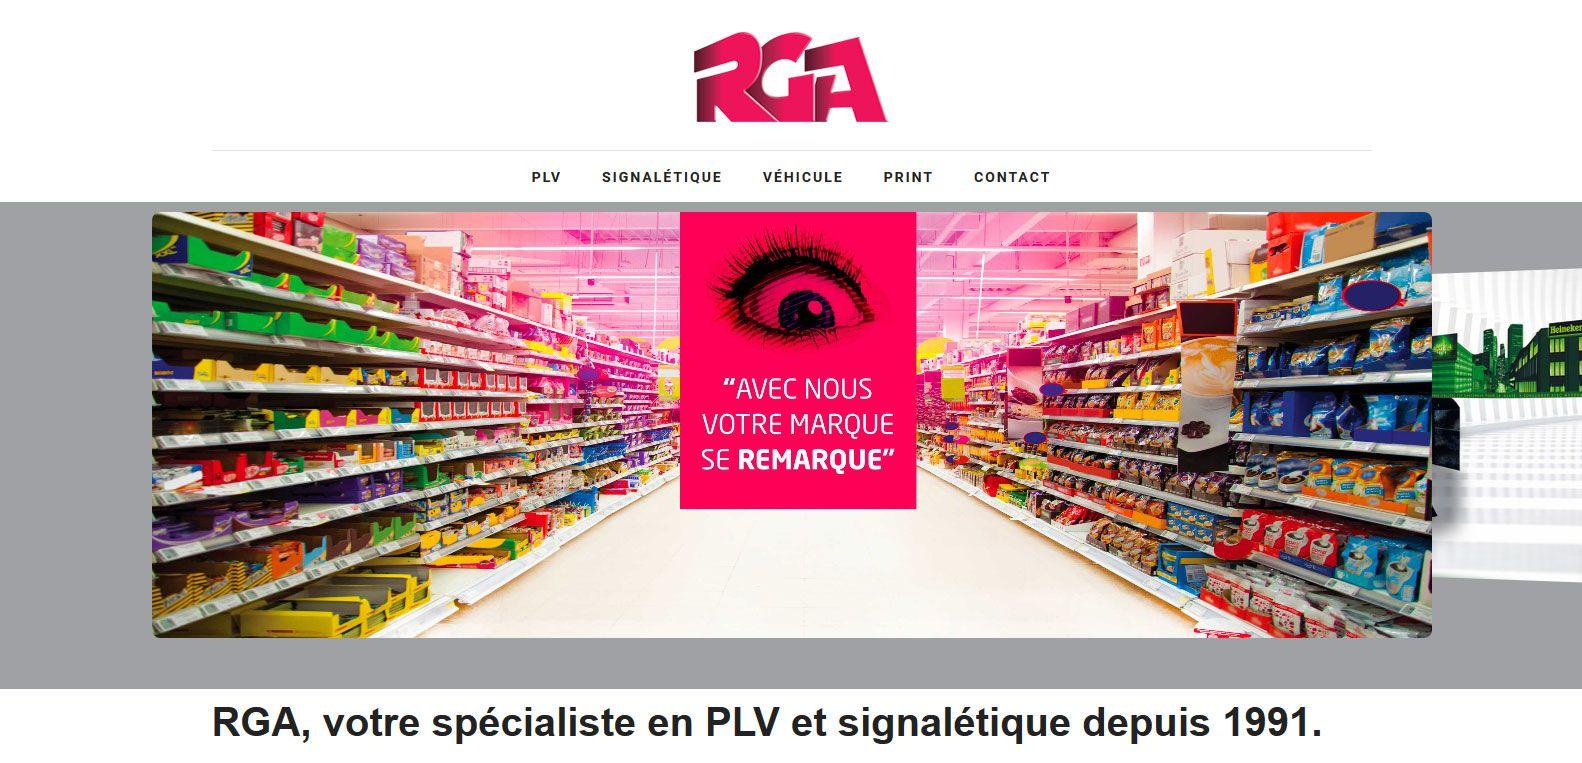 Site web de RGA, spécialiste en PLV et signalétique. Client Karedess, une agence web situé à Mulhouse